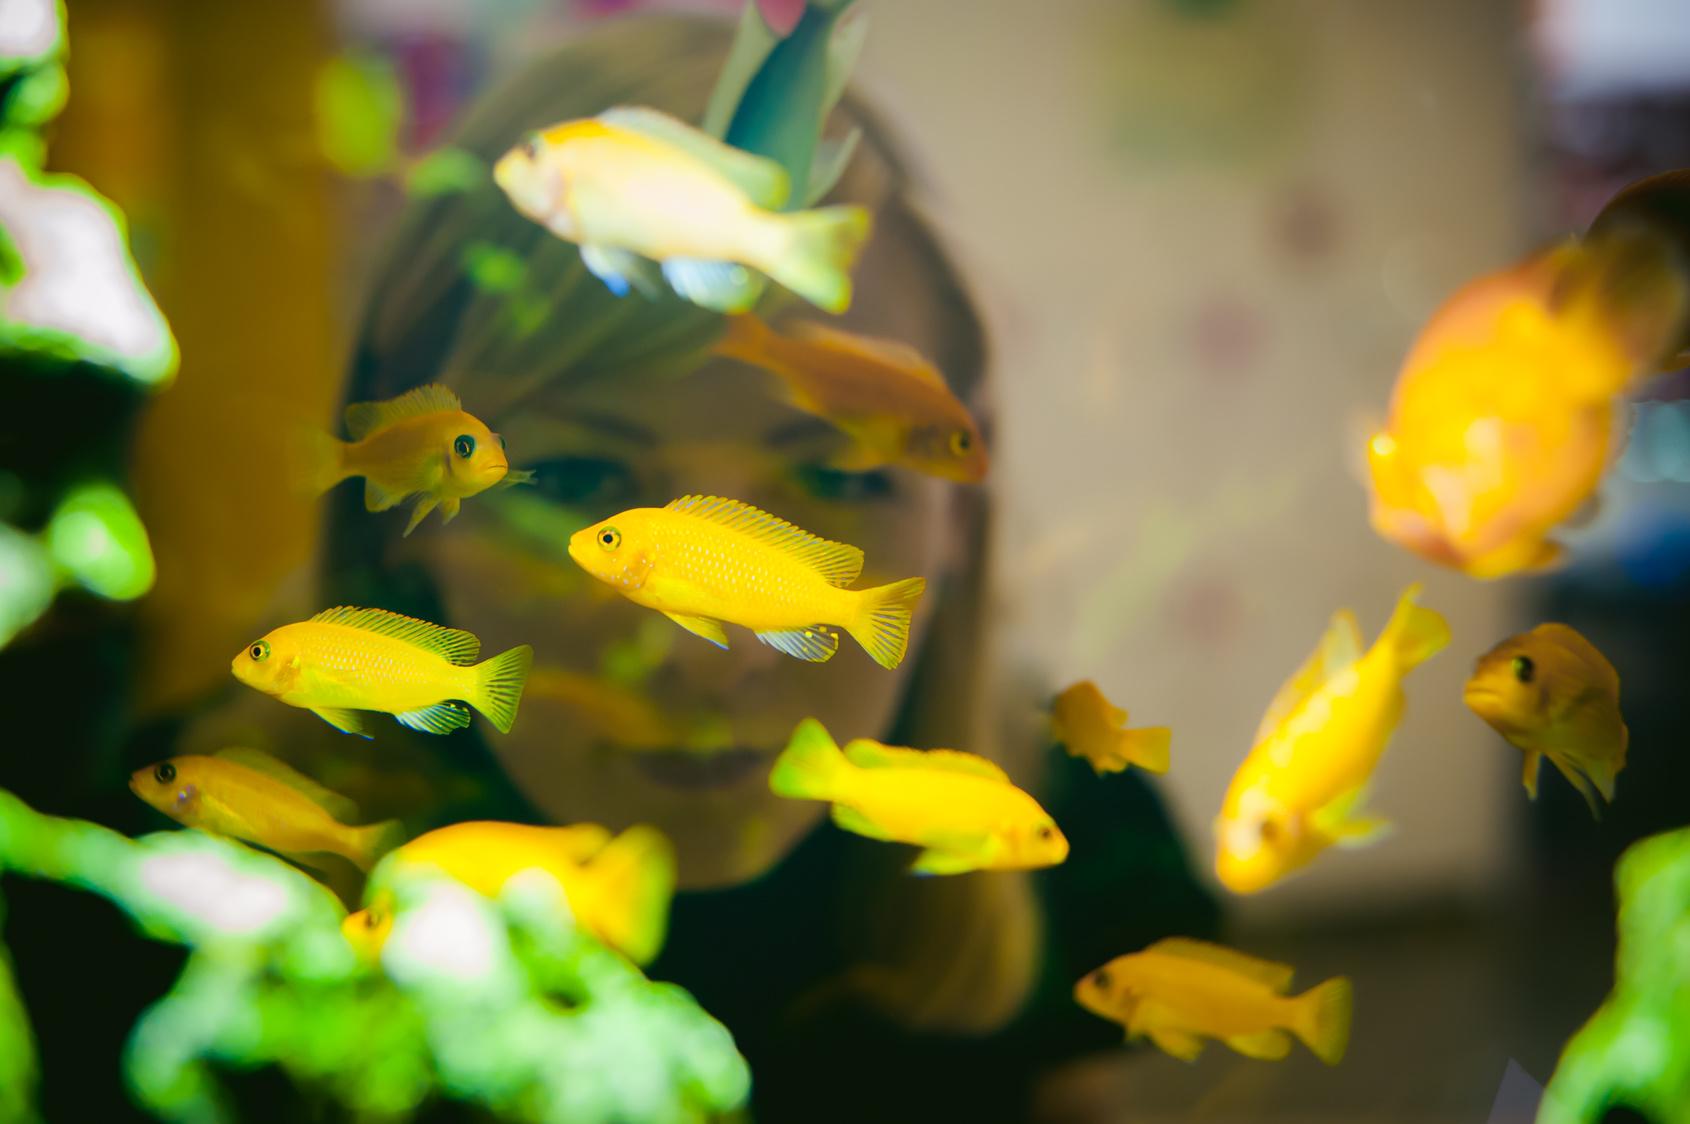 pyszczaki w akwarium